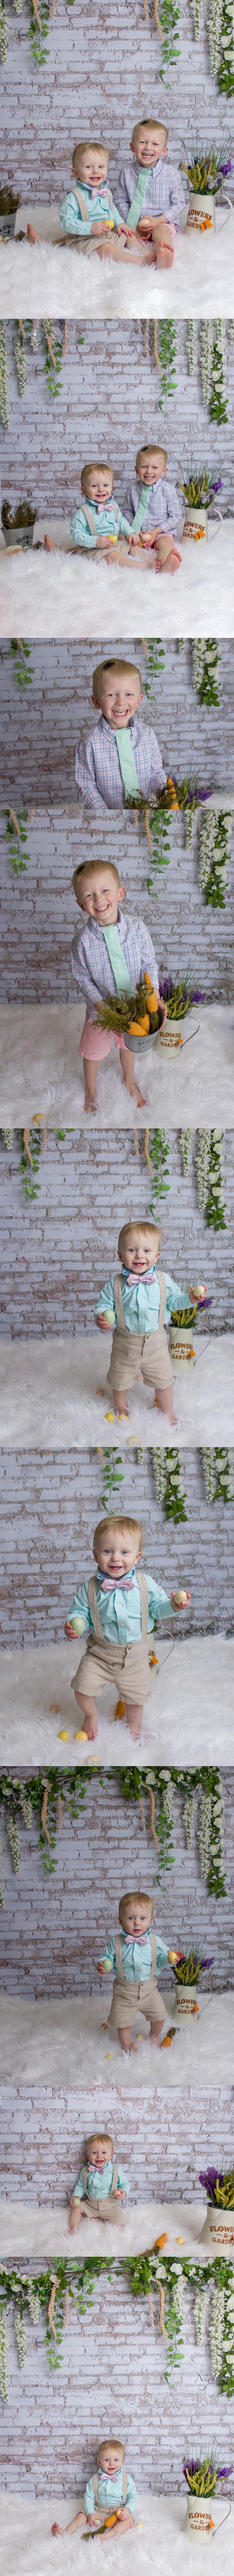 St. Joseph Michigan Newborn, Child and family Photographer_0402.jpg